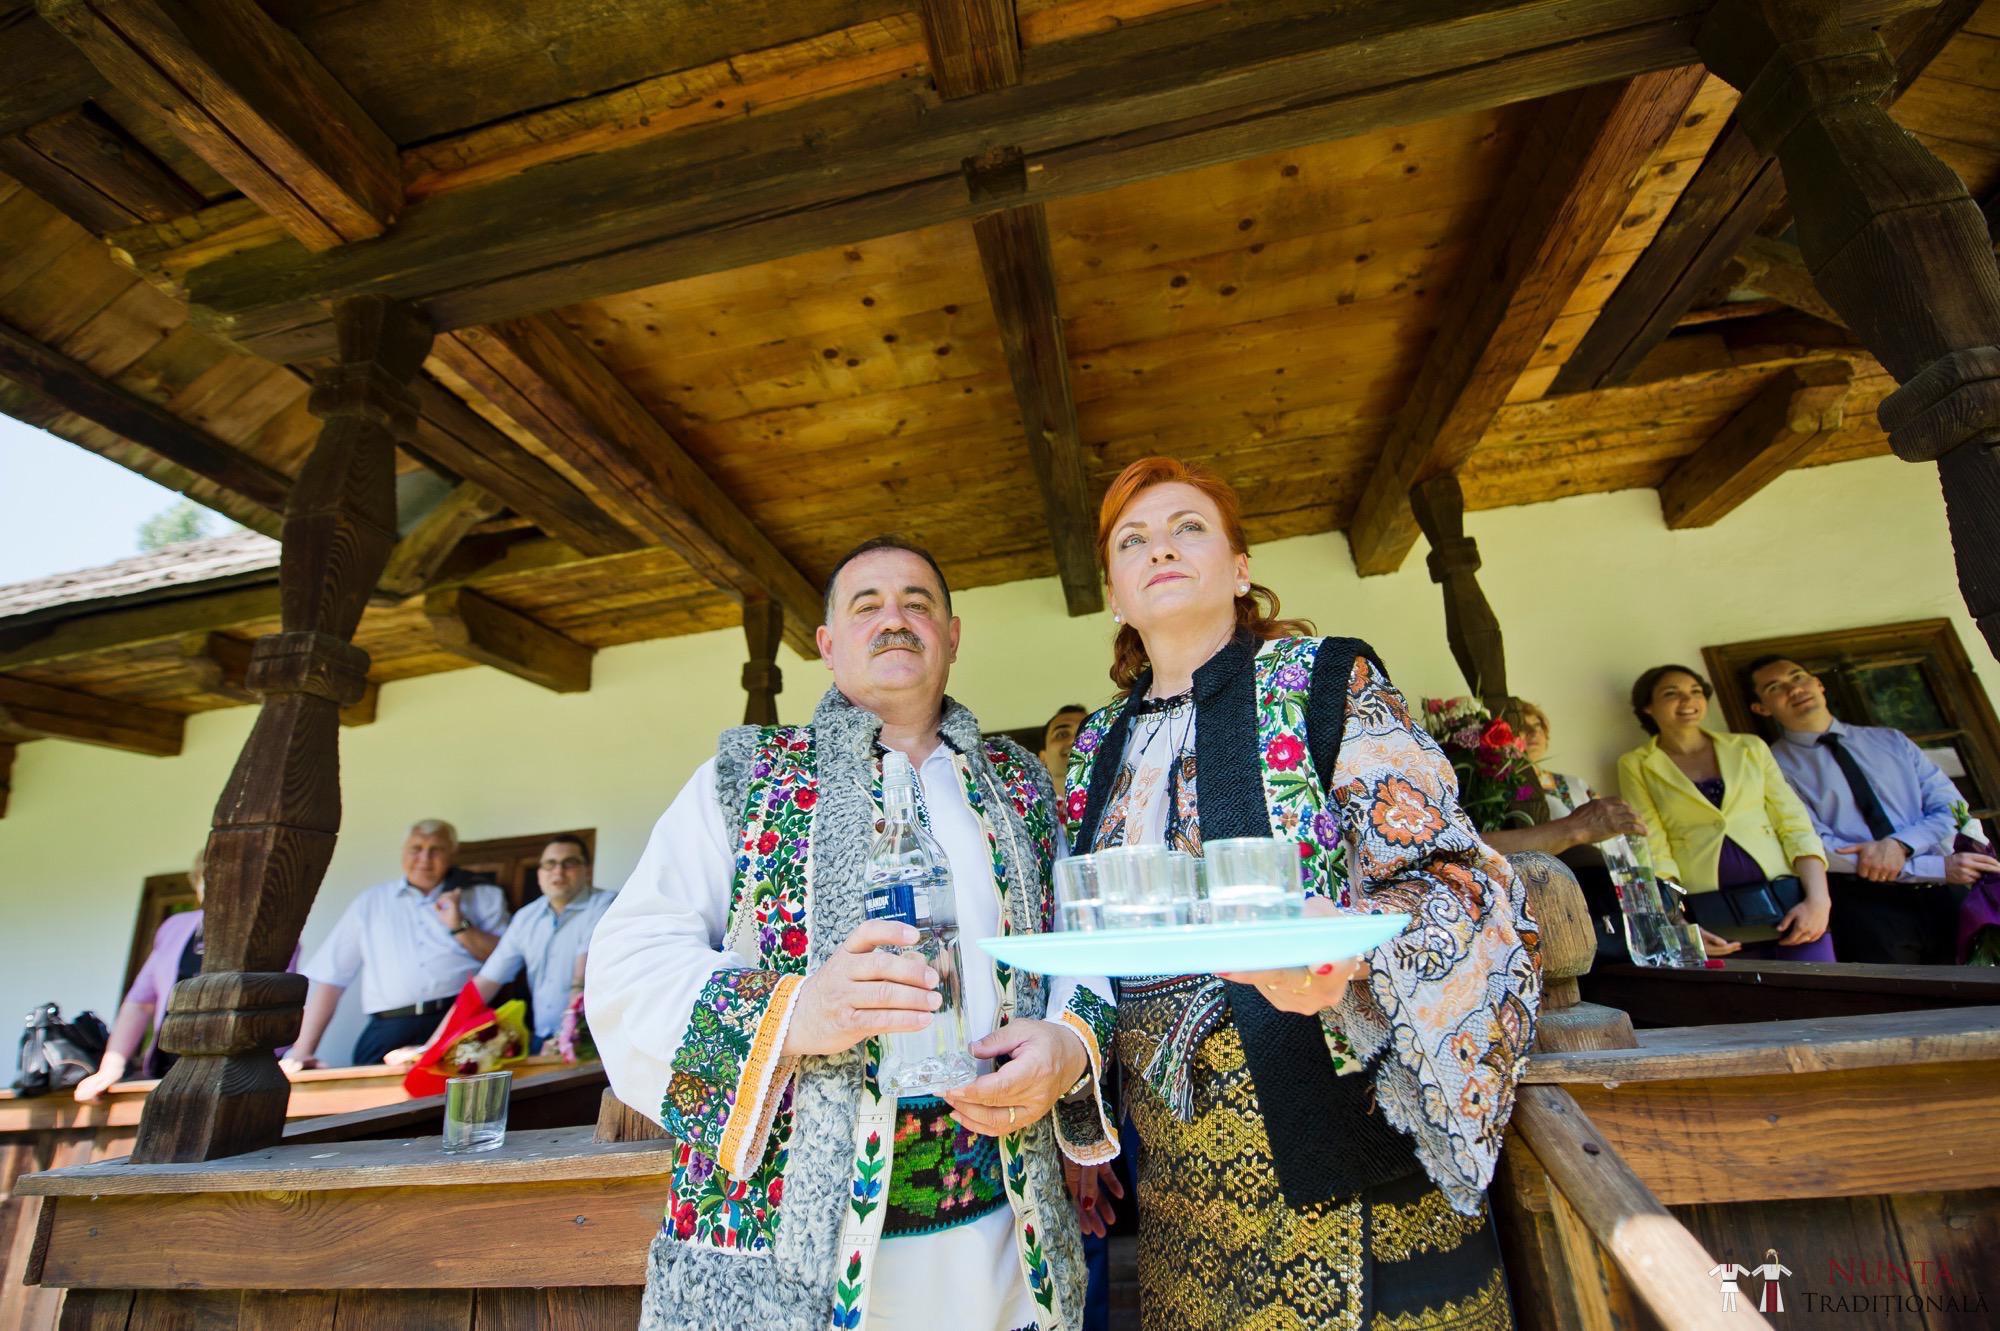 Povești Nunți Tradiționale - Gabriela și Mădălin - Nuntă Tradițională în Suceava, Bucovina 96